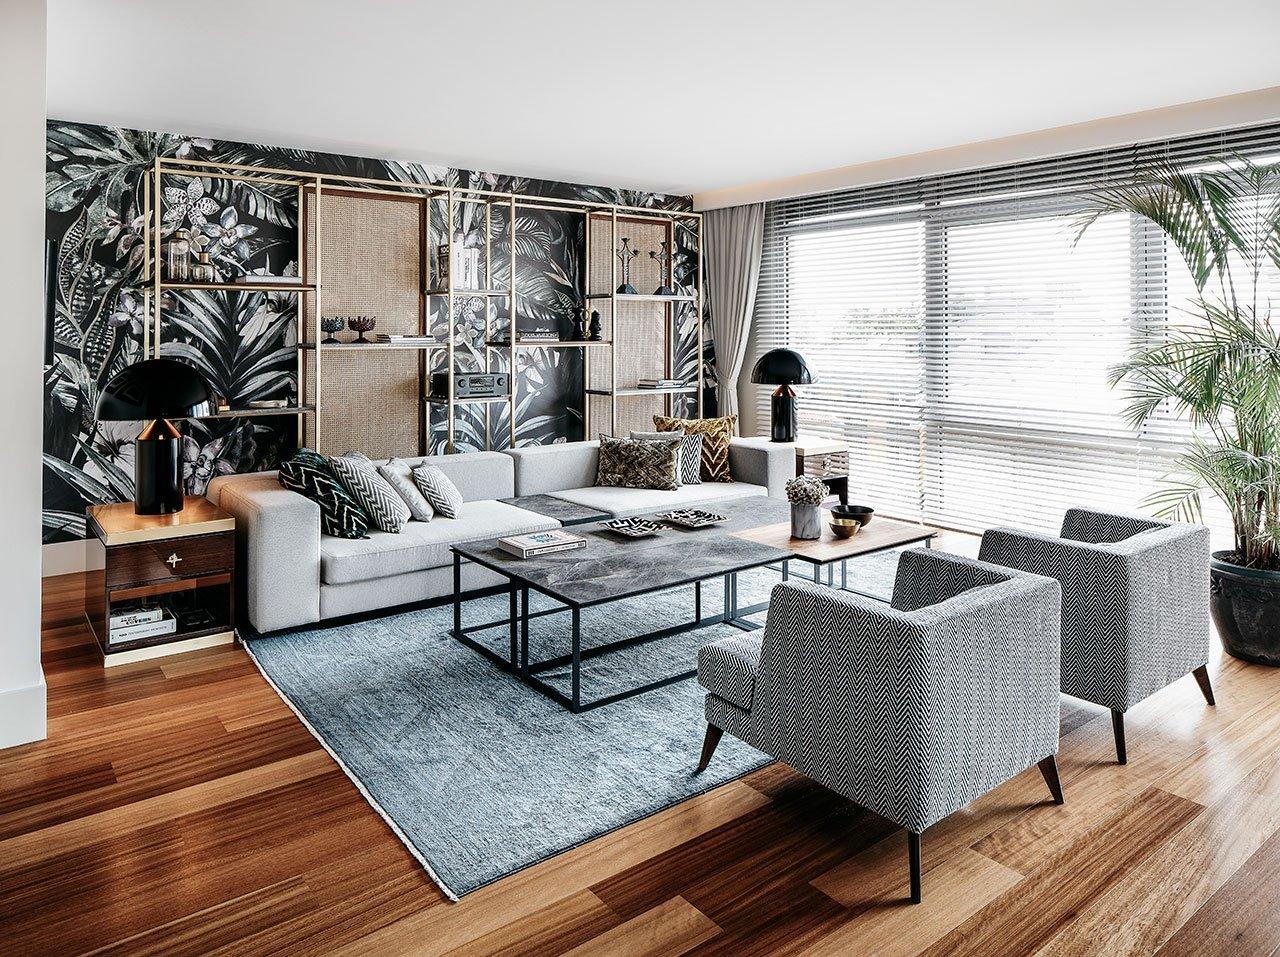 顶层公寓将现代化的中世纪风格与现代舒适感和优雅感相结合